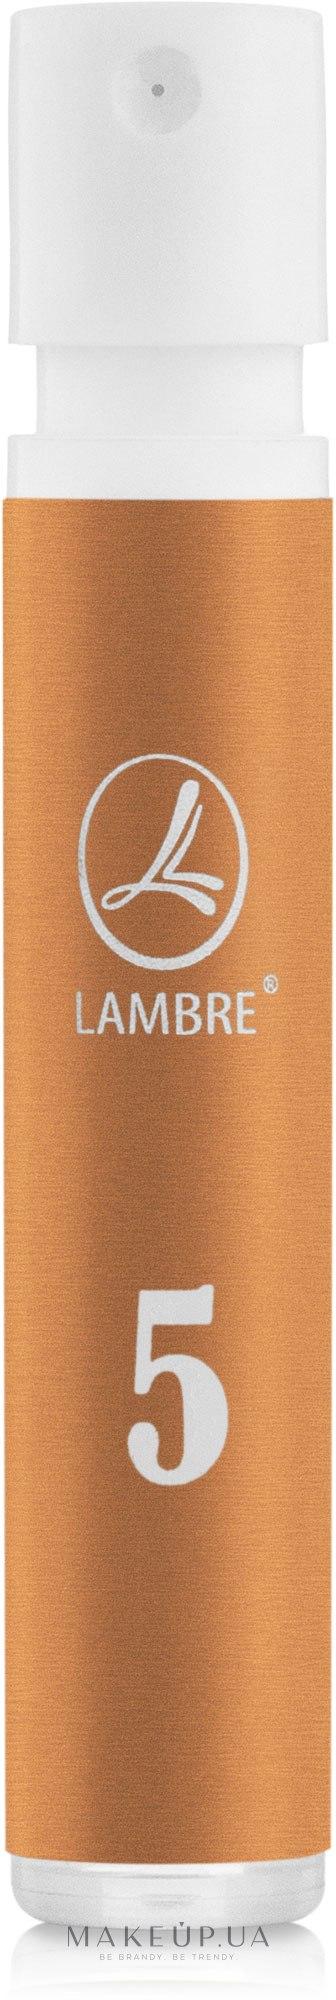 Lambre № 5 - Духи (пробник) — фото 1.2ml